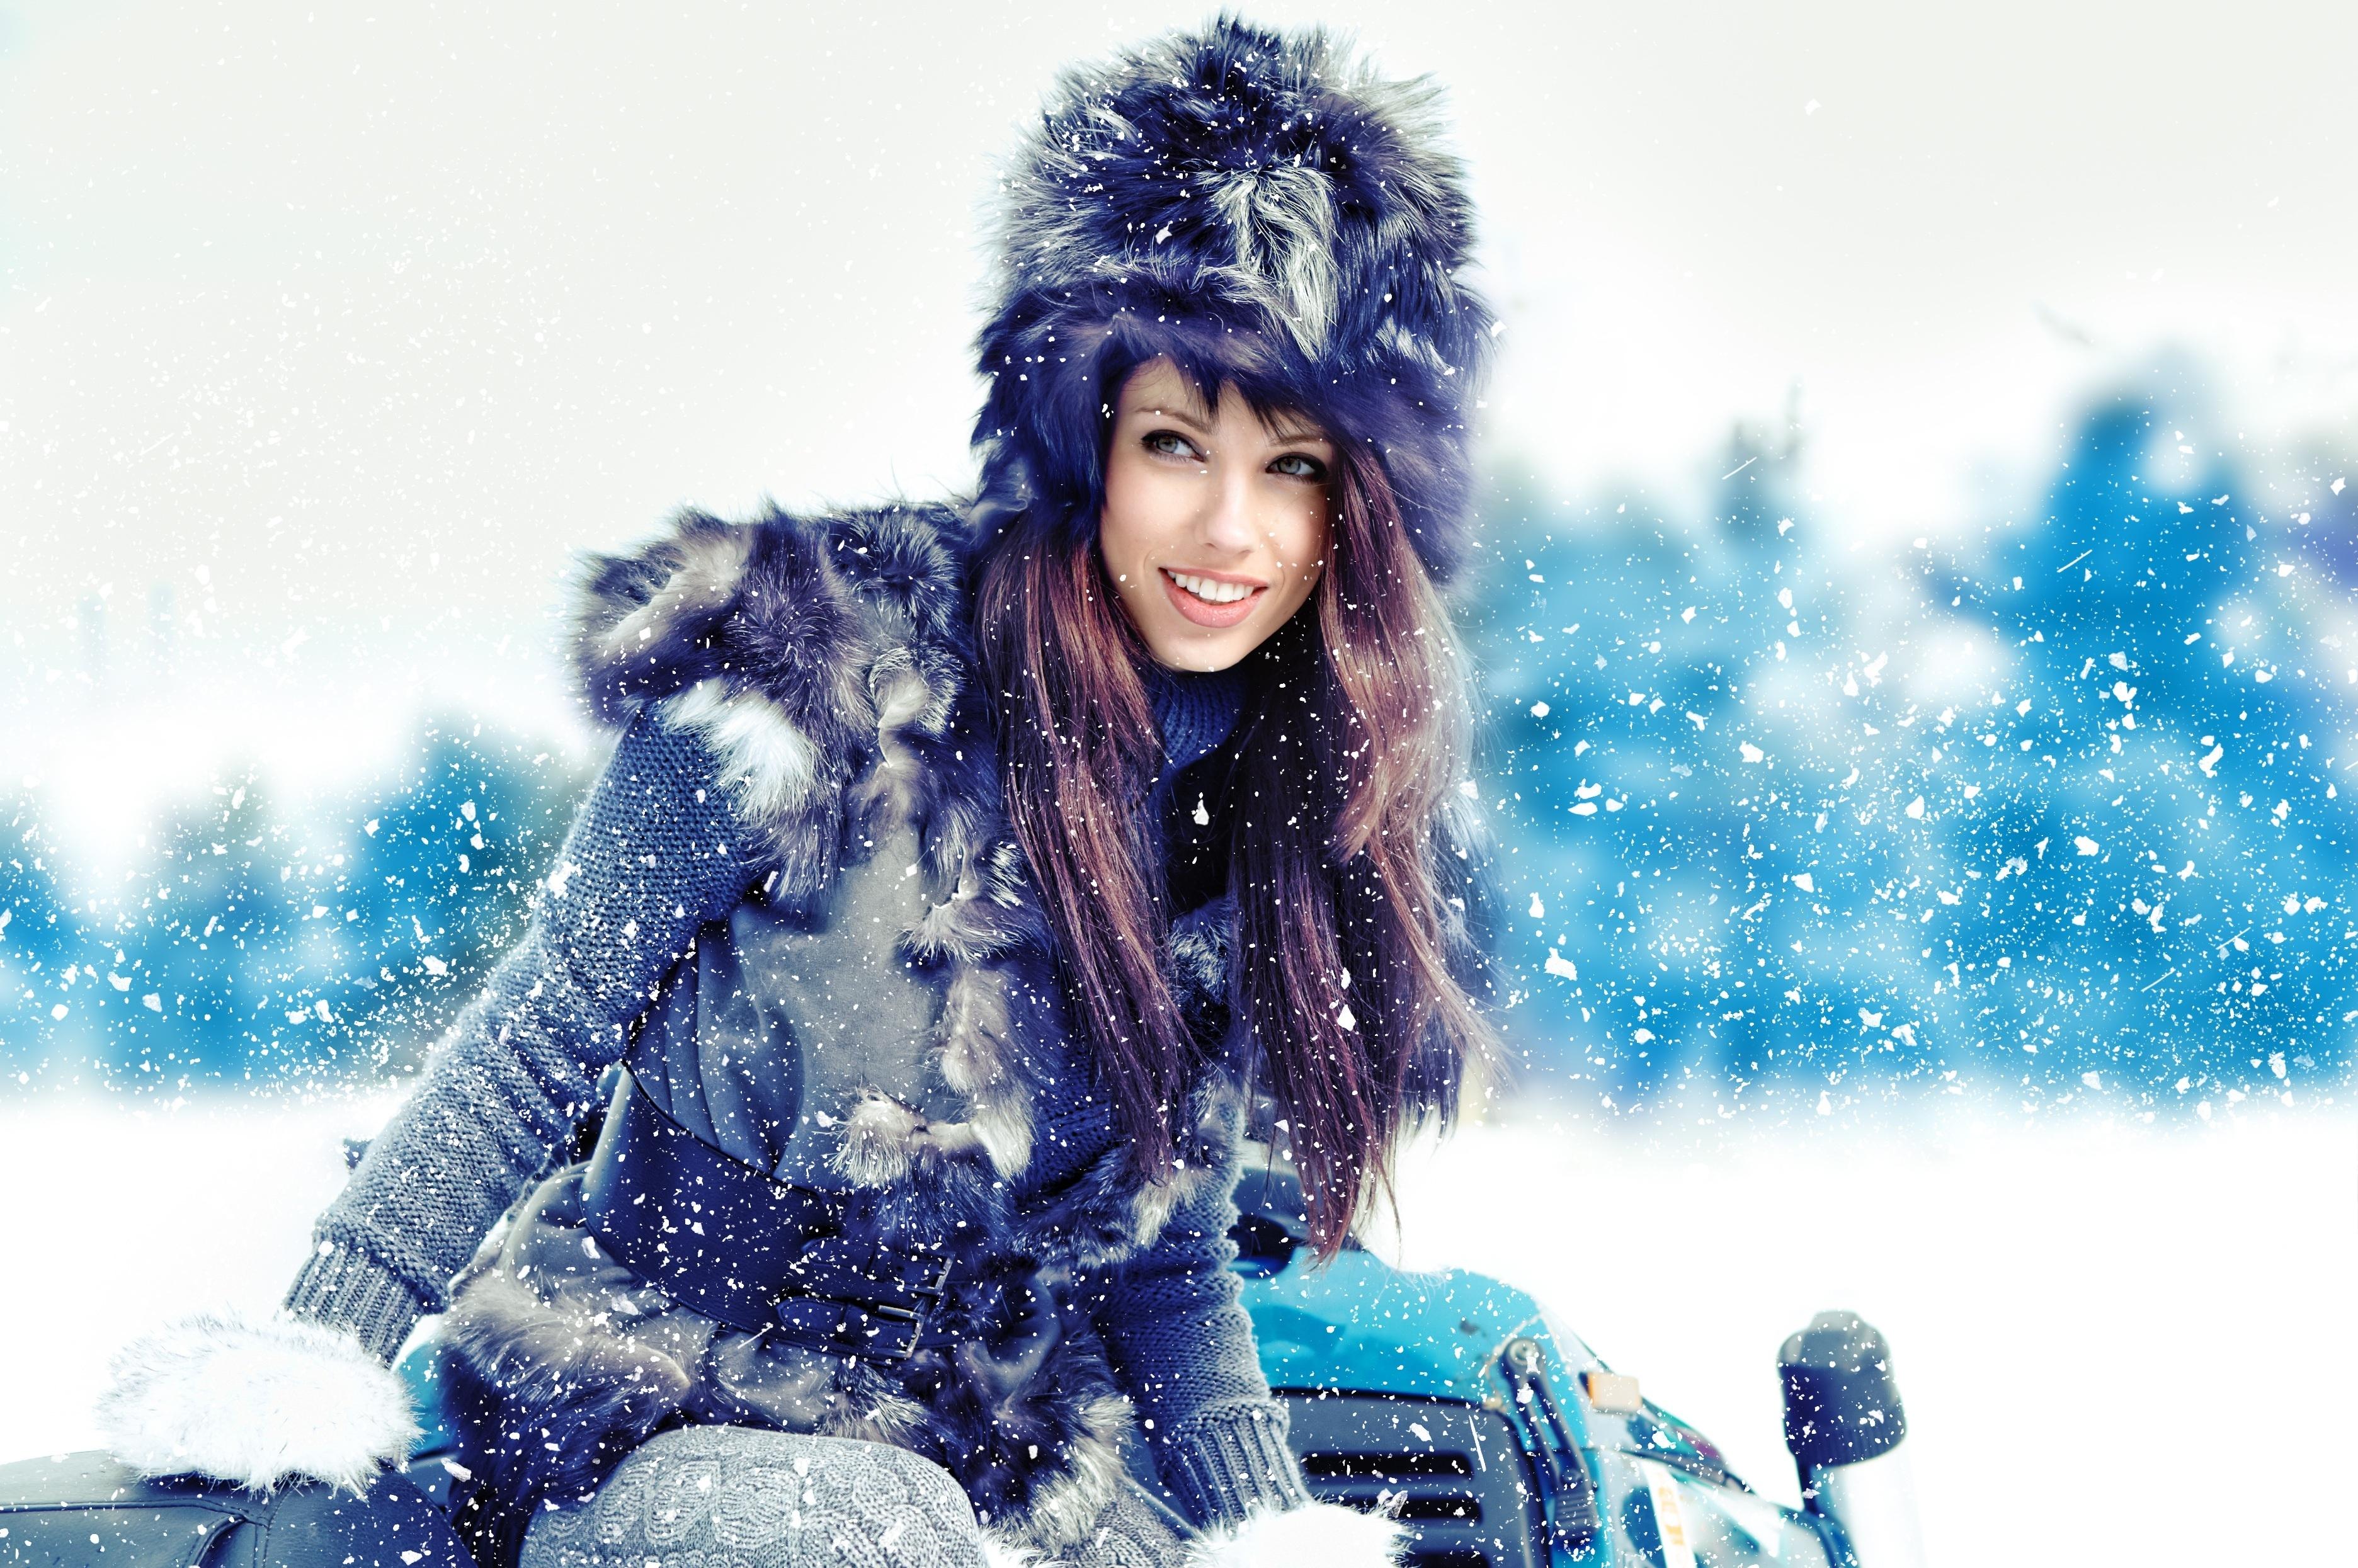 девушка снег пальто скачать